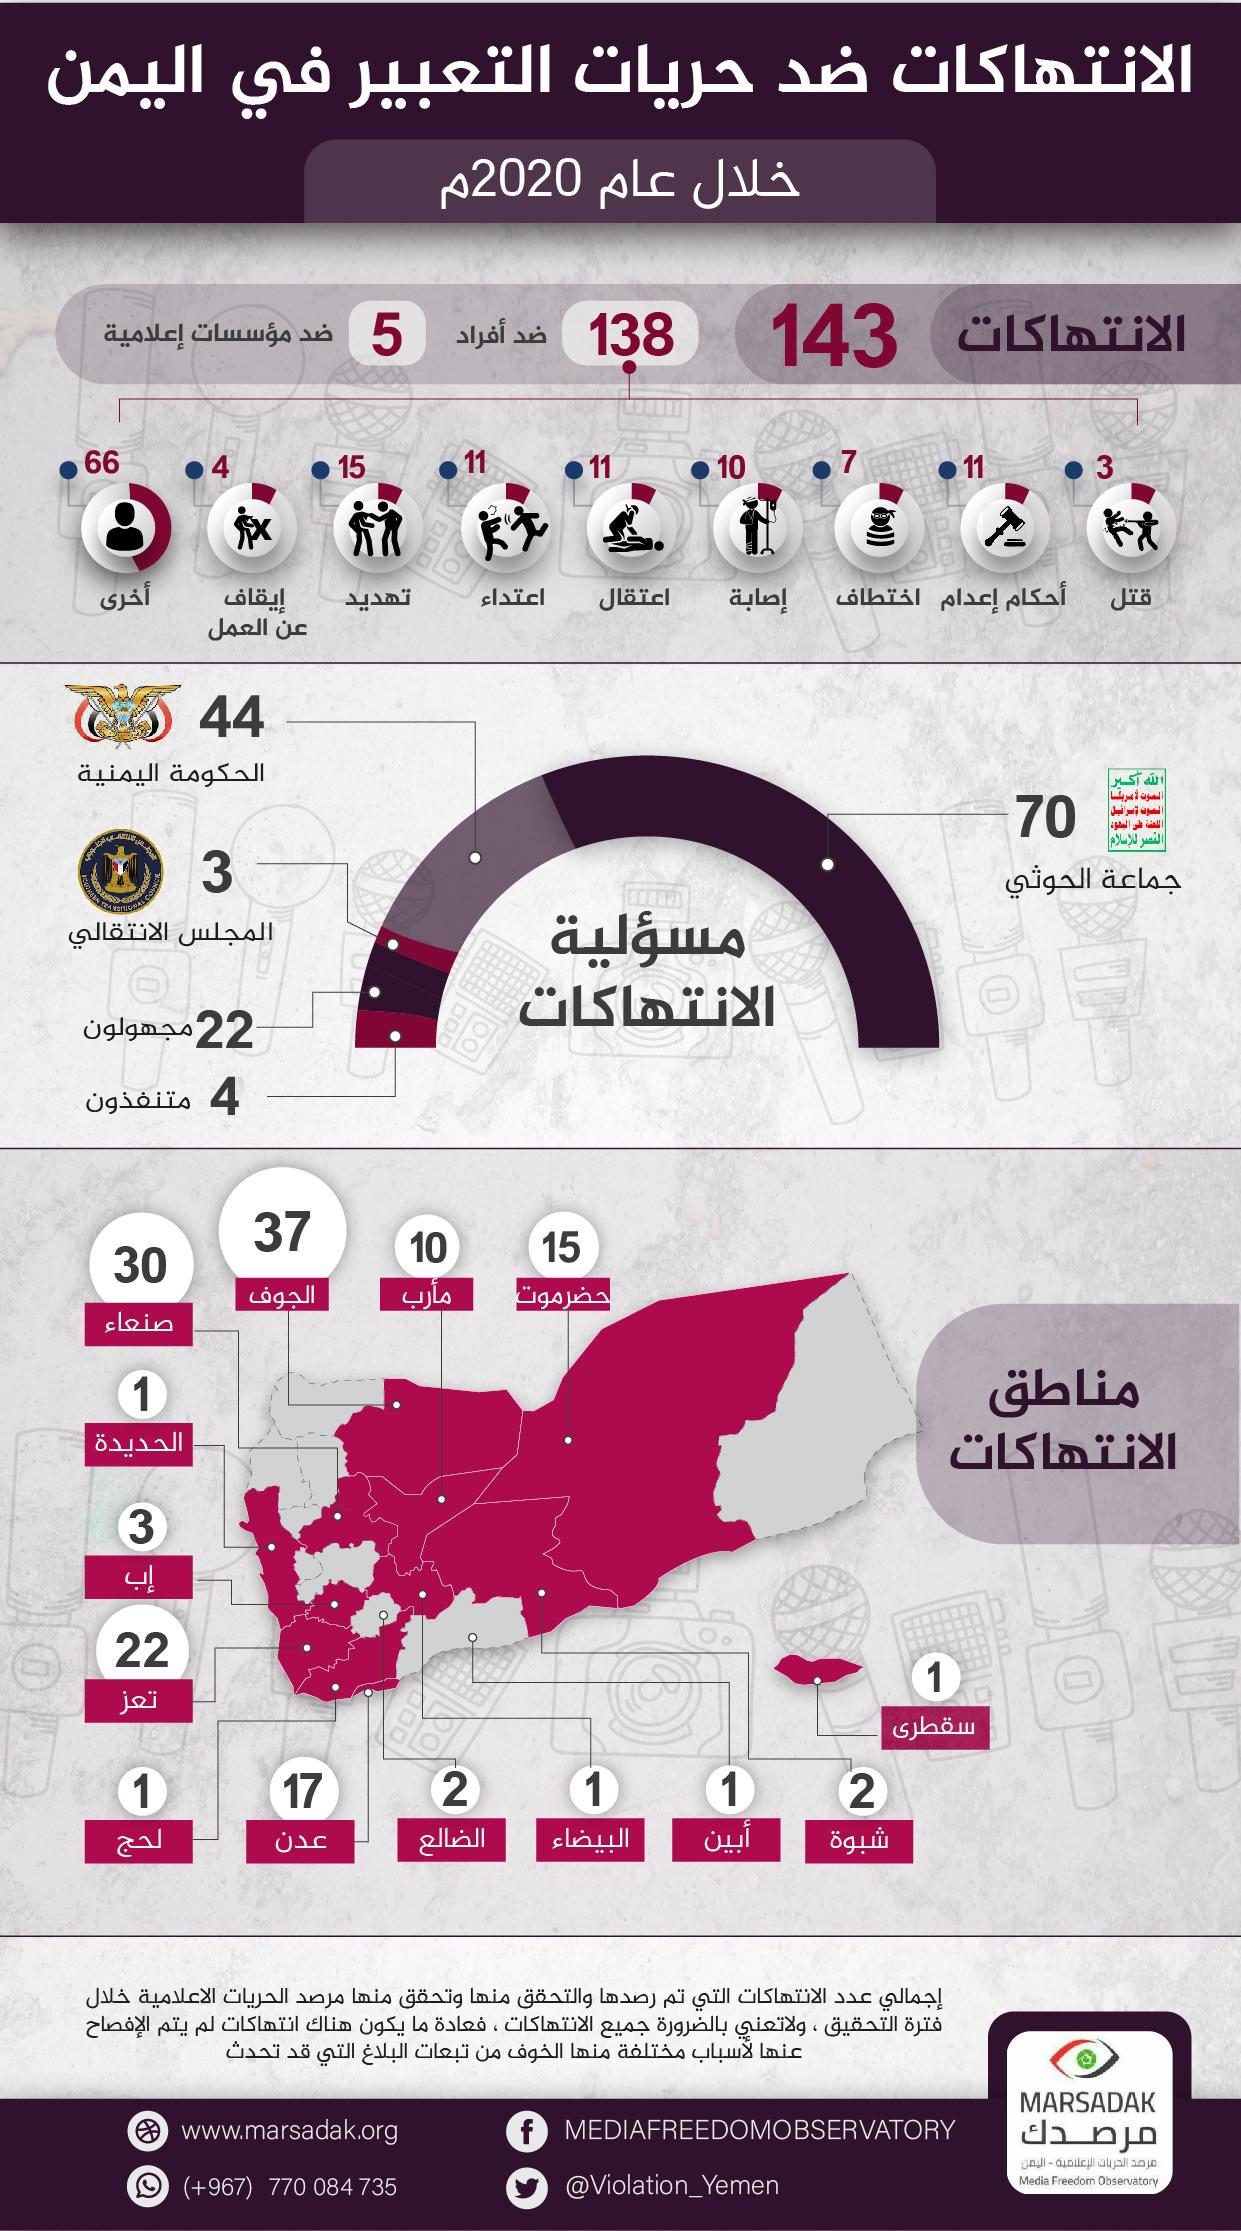 صحفيو اليمن يواجهون احكام الإعدام ووباء كورونا …  مرصد الحريات الإعلامية يوثق 143 انتهاك ضد الحريات الإعلامية خلال العام 2020م